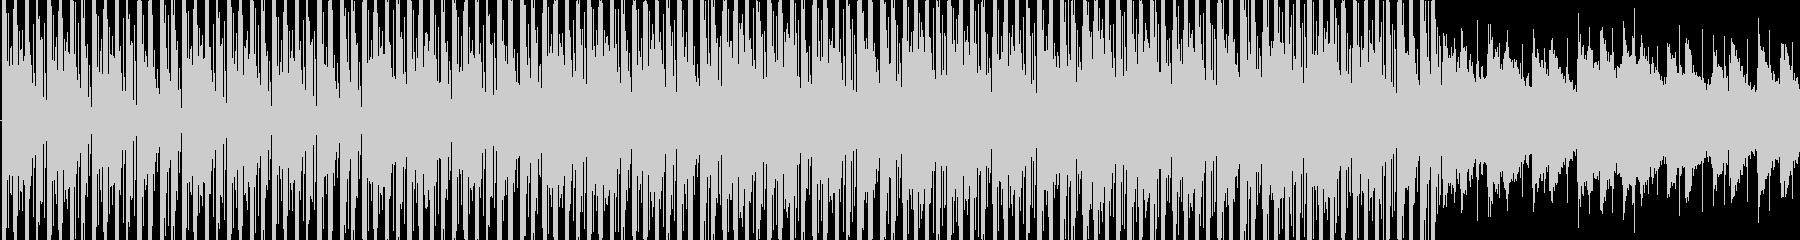 爽やかな空のイメージのBGM_LOOPの未再生の波形